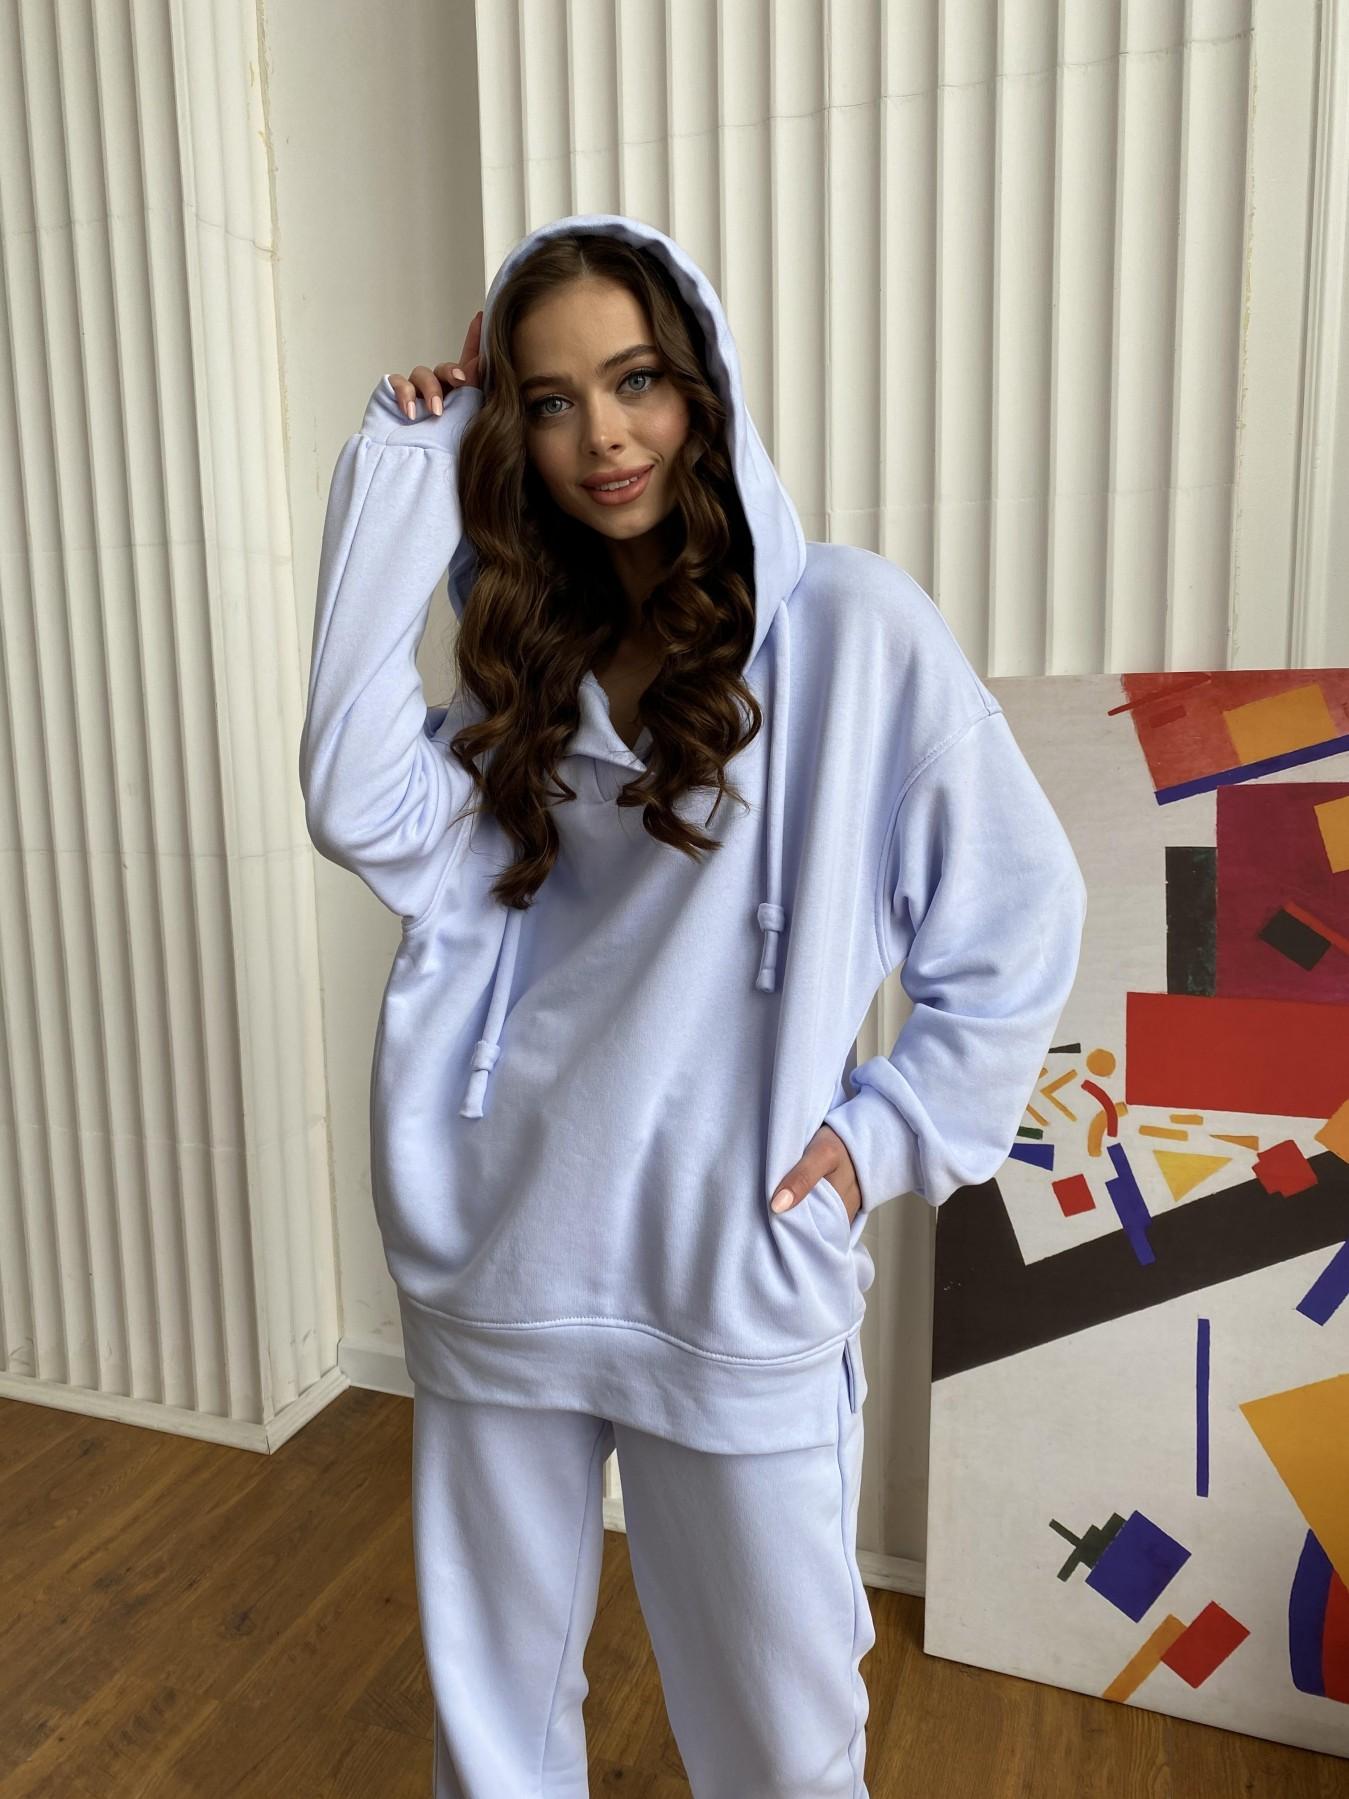 Ярис костюм из 3х нитки 10789 АРТ. 47636 Цвет: Голубой Светлый - фото 9, интернет магазин tm-modus.ru